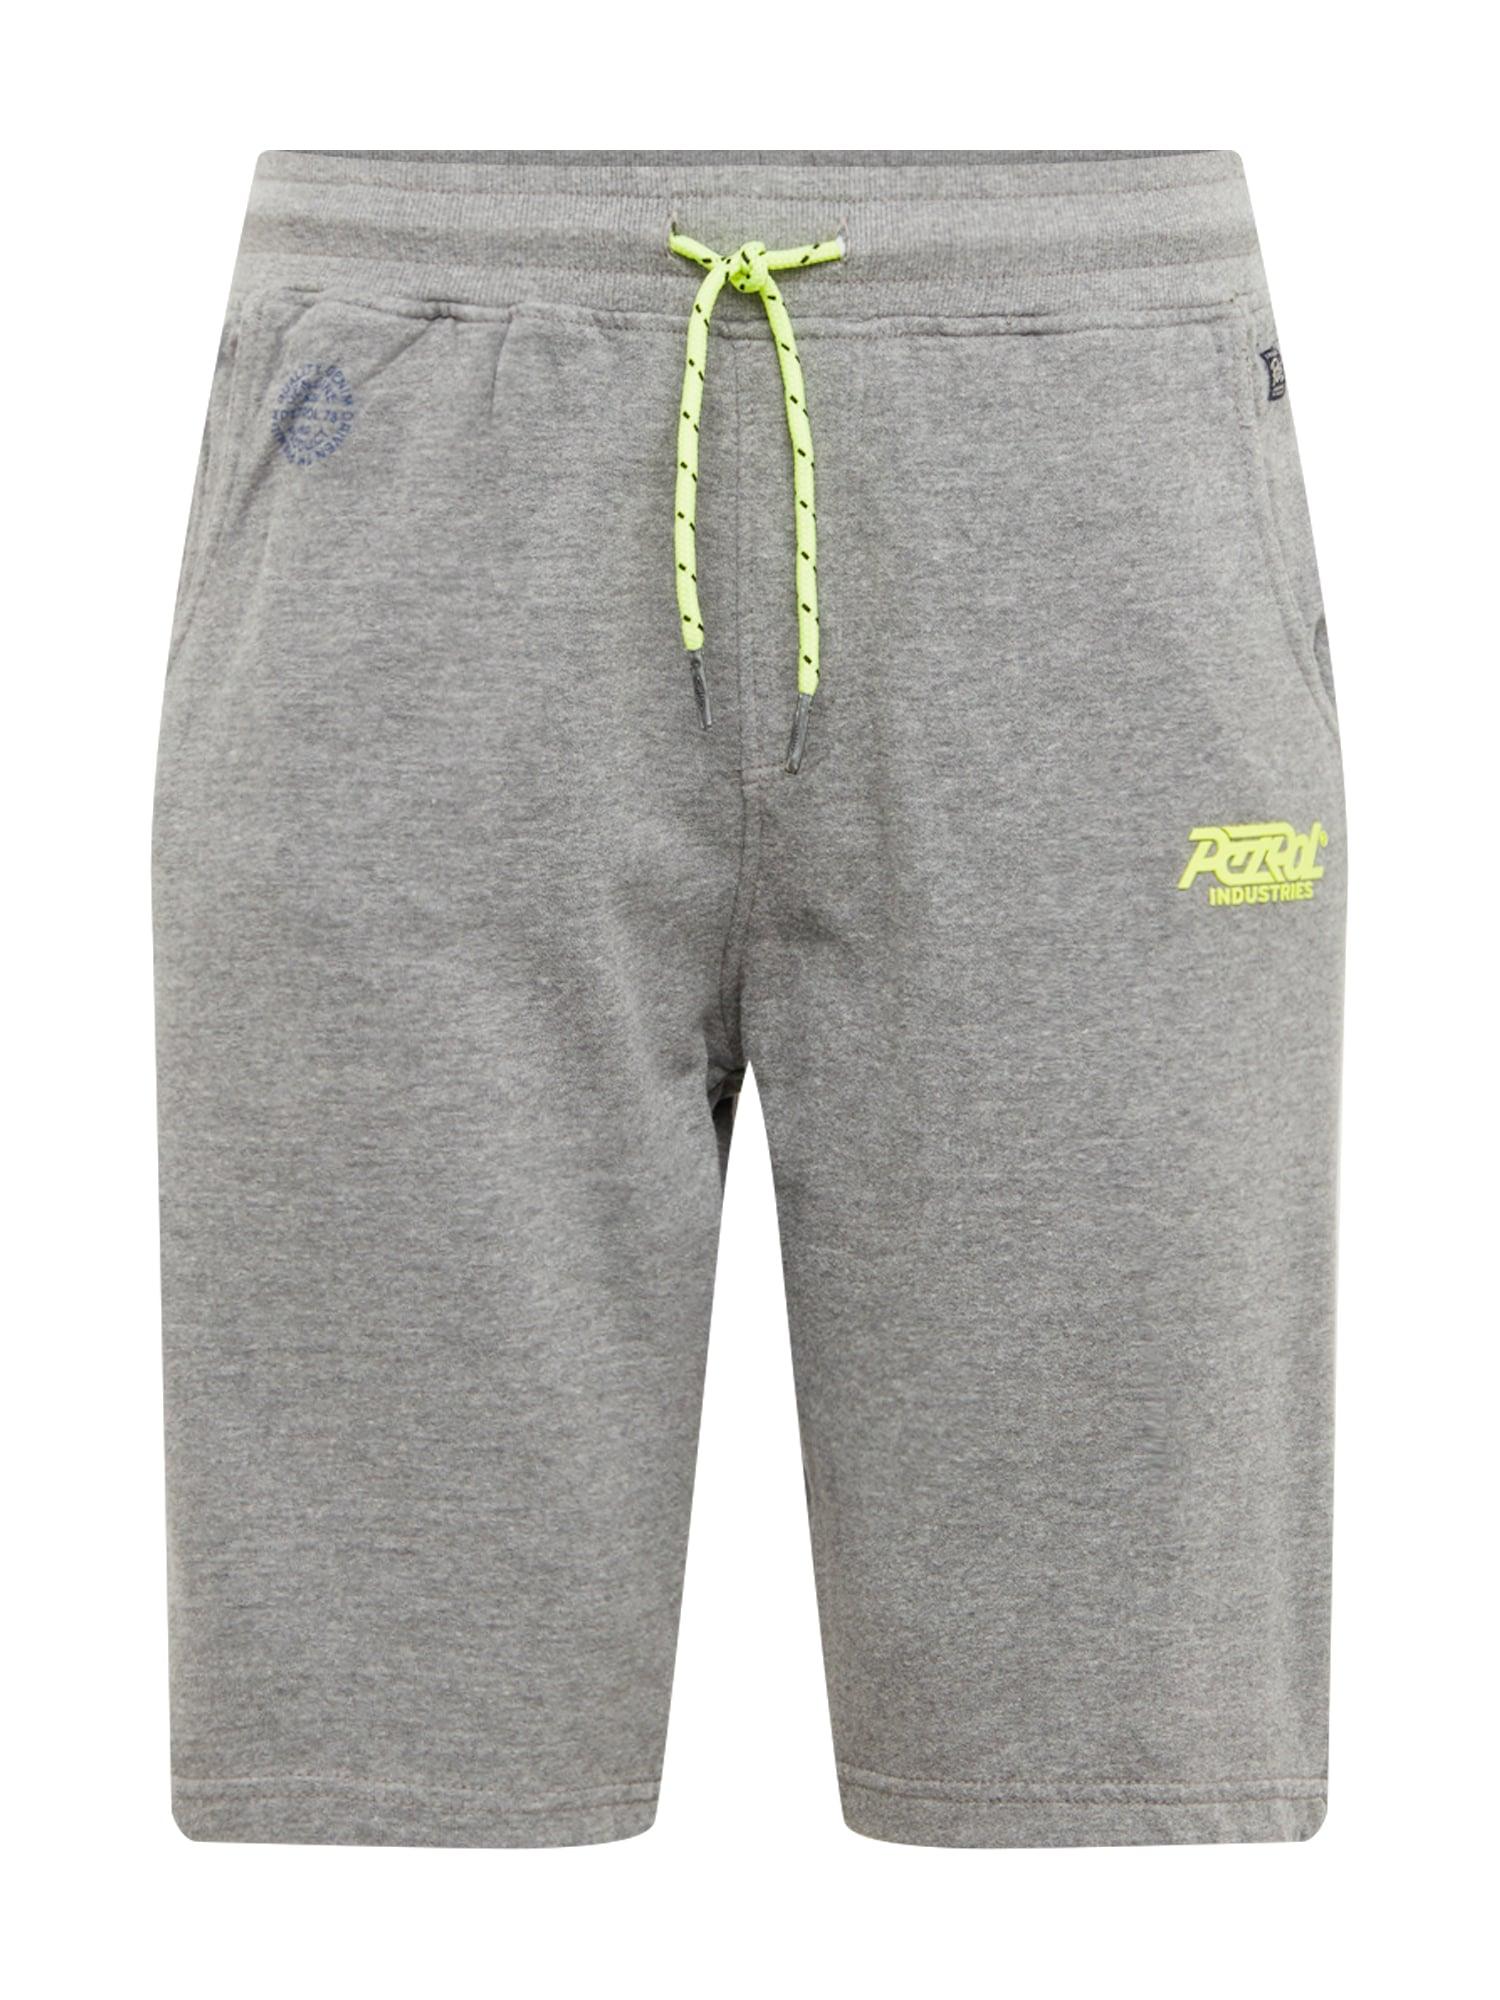 Kalhoty šedý melír svítivě zelená Petrol Industries